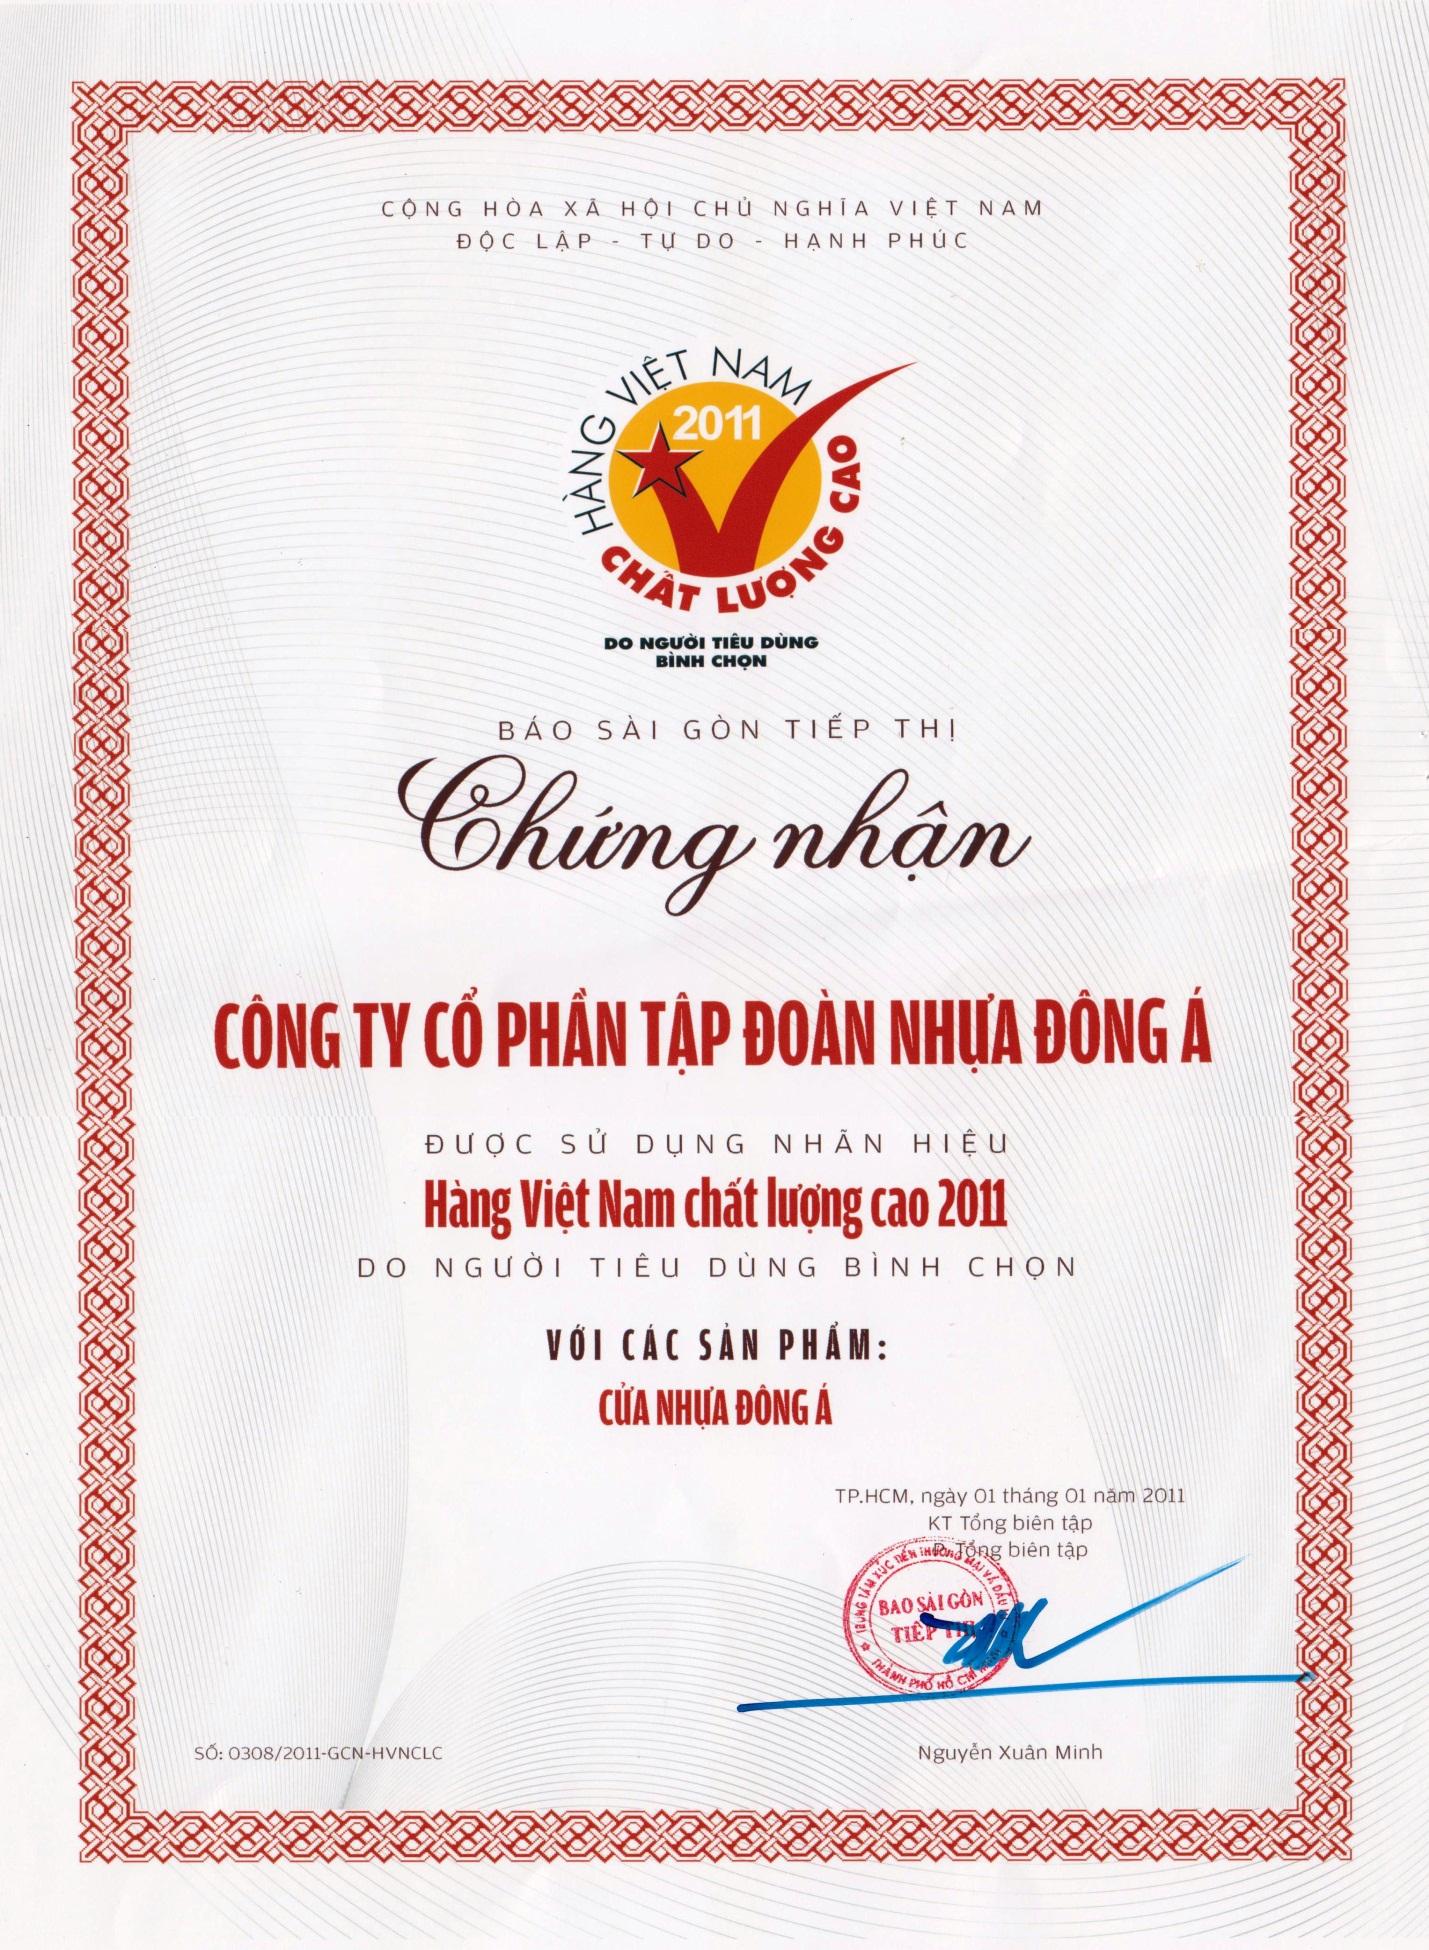 DAG đạt danh hiệu Hàng Việt Nam Chất Lượng Cao 2011